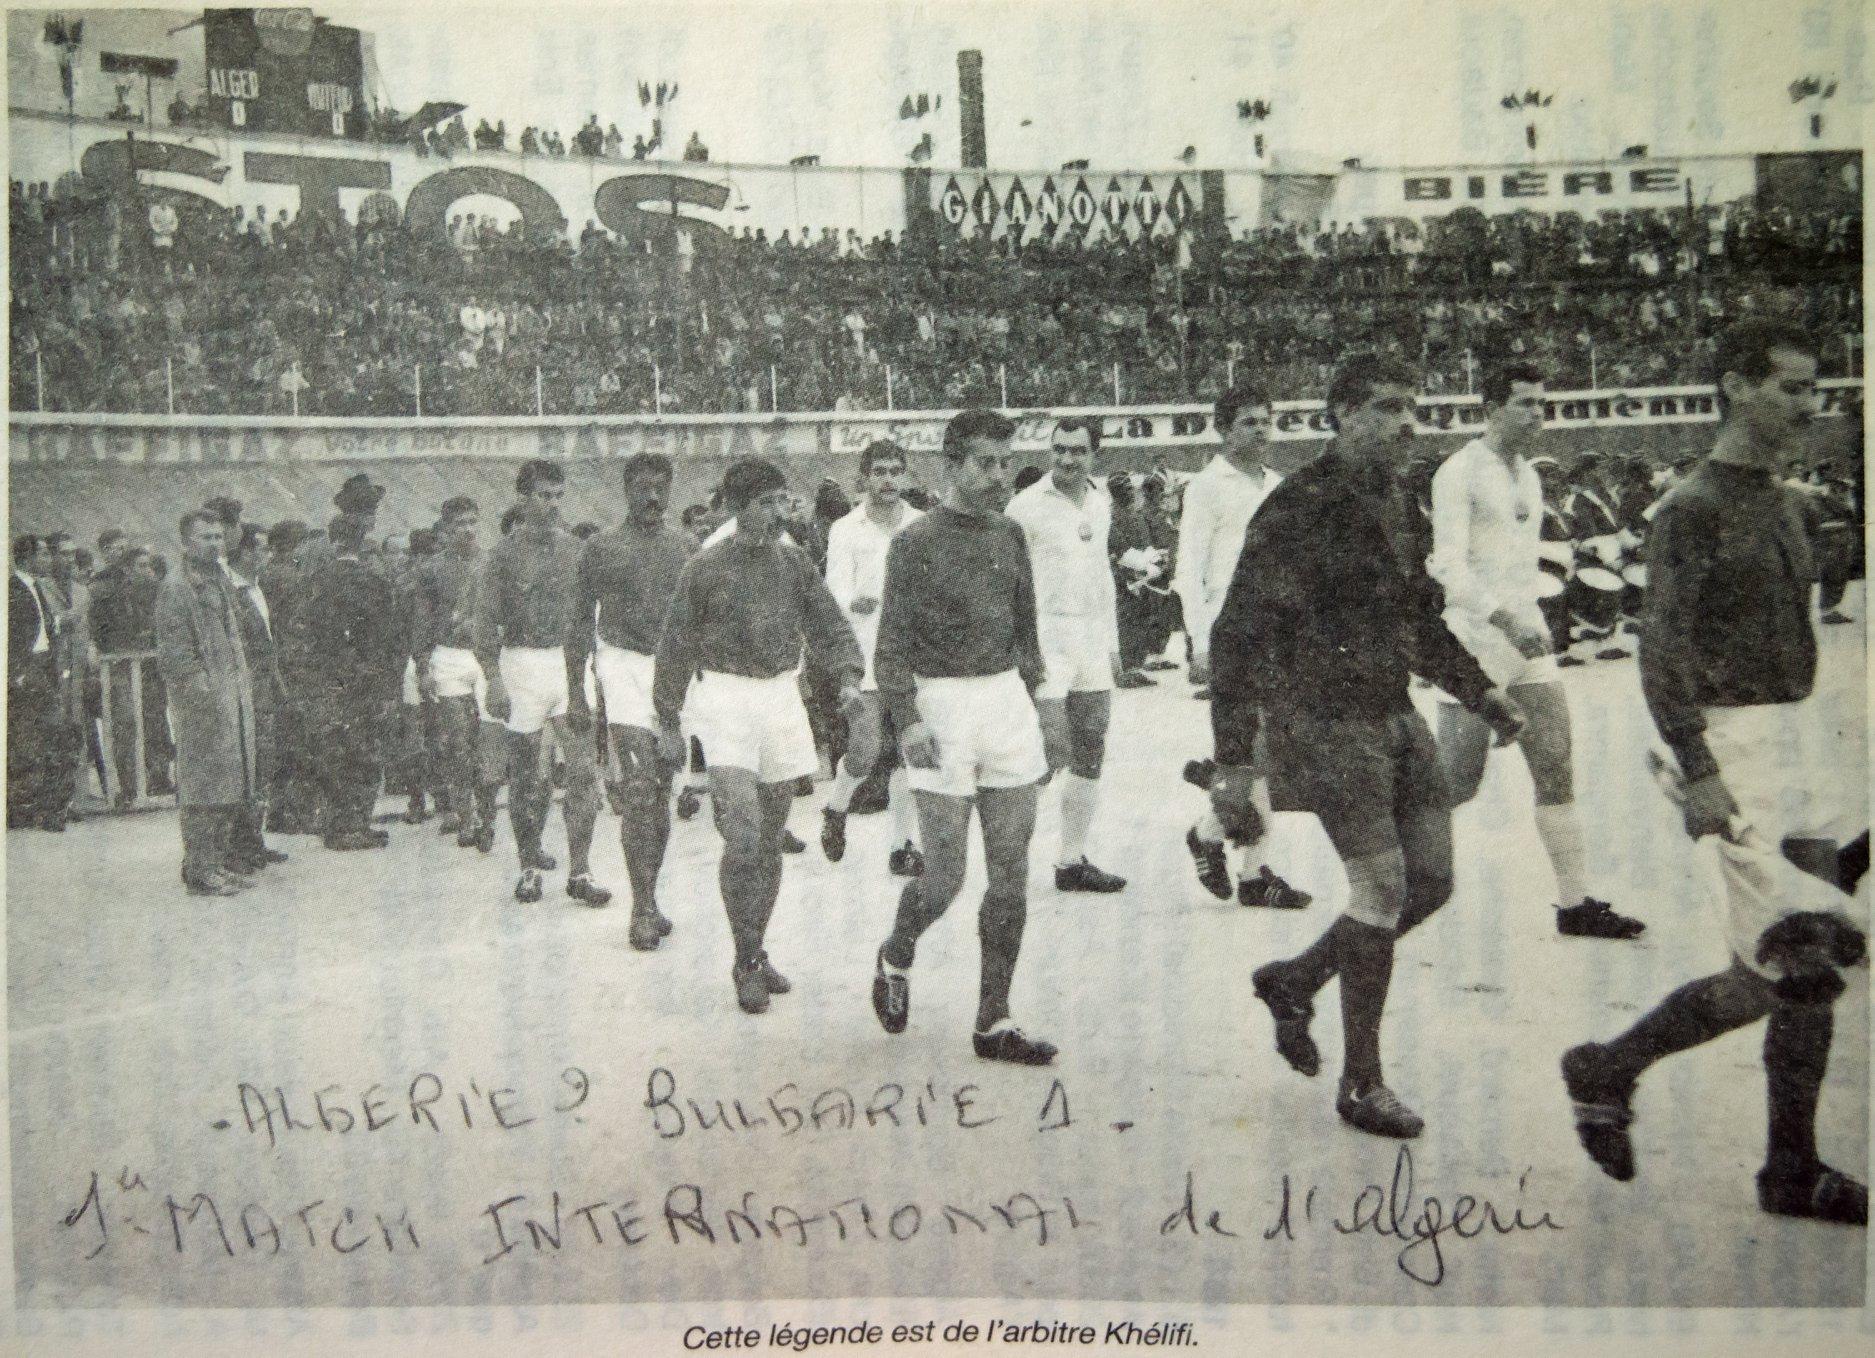 algerie bulgarie 6 janvier 1963 premier match EN histoire